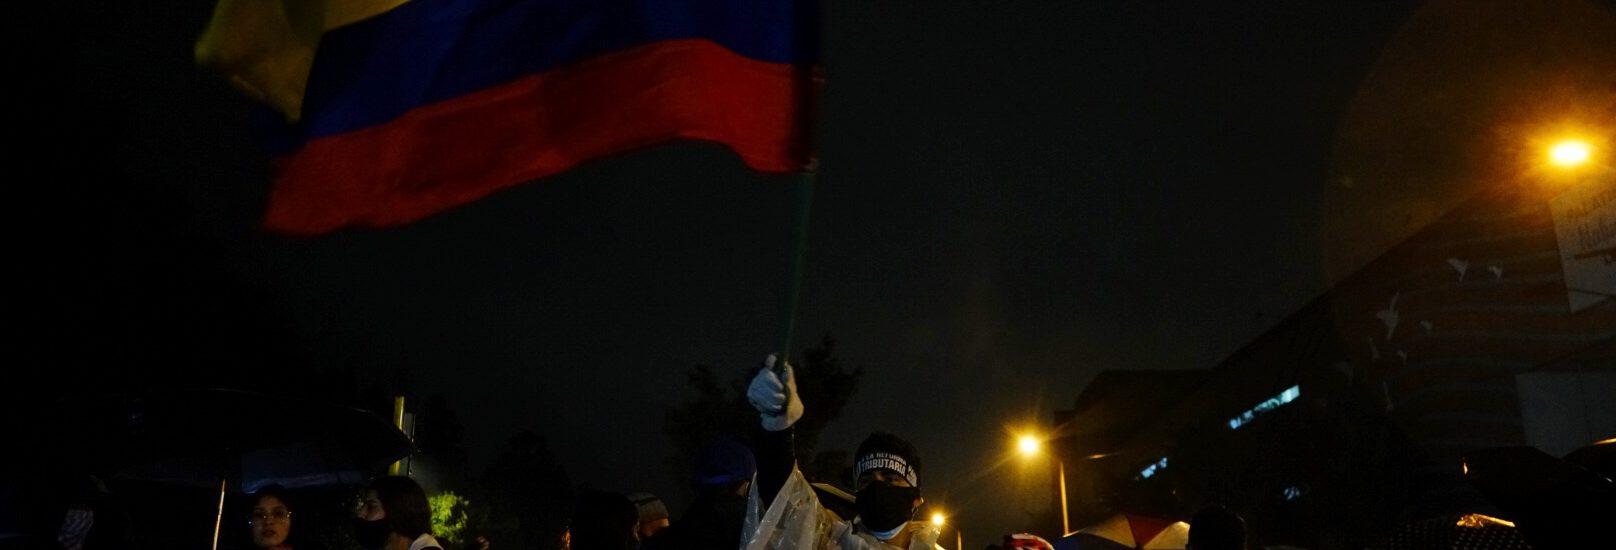 Bogotá: noche violenta en el Portal de las Américas